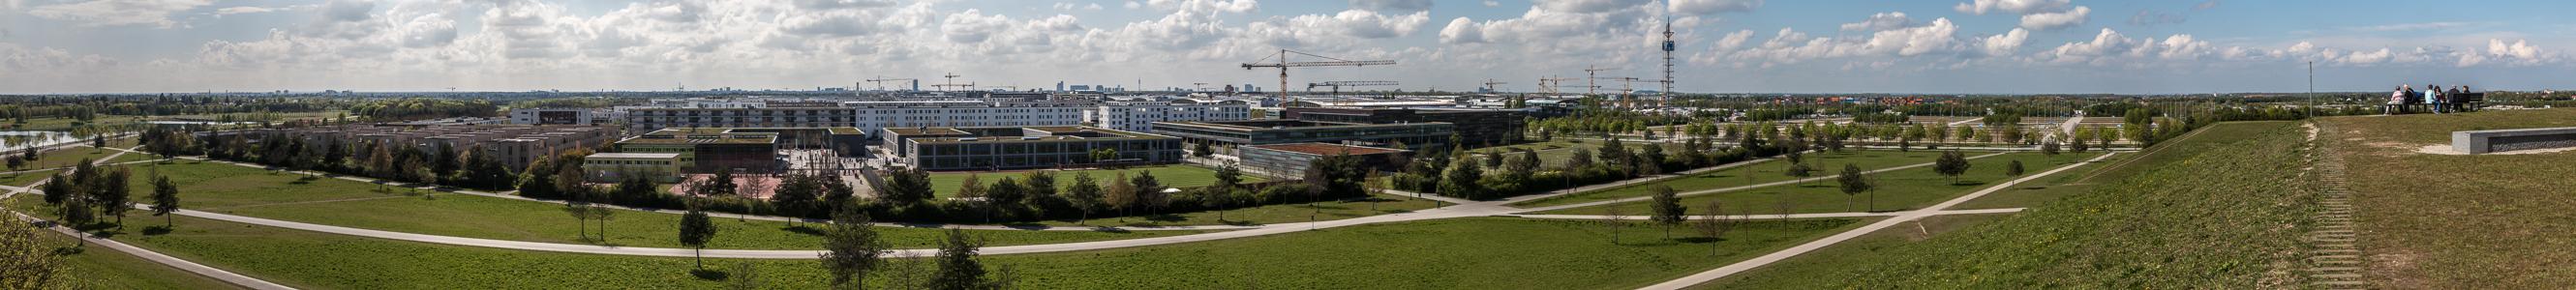 Blick vom Aussichtshügel Riemer Park: Riemer Park (Landschaftspark Riem, BUGA-Park), Messestadt Riem, Neue Messe München